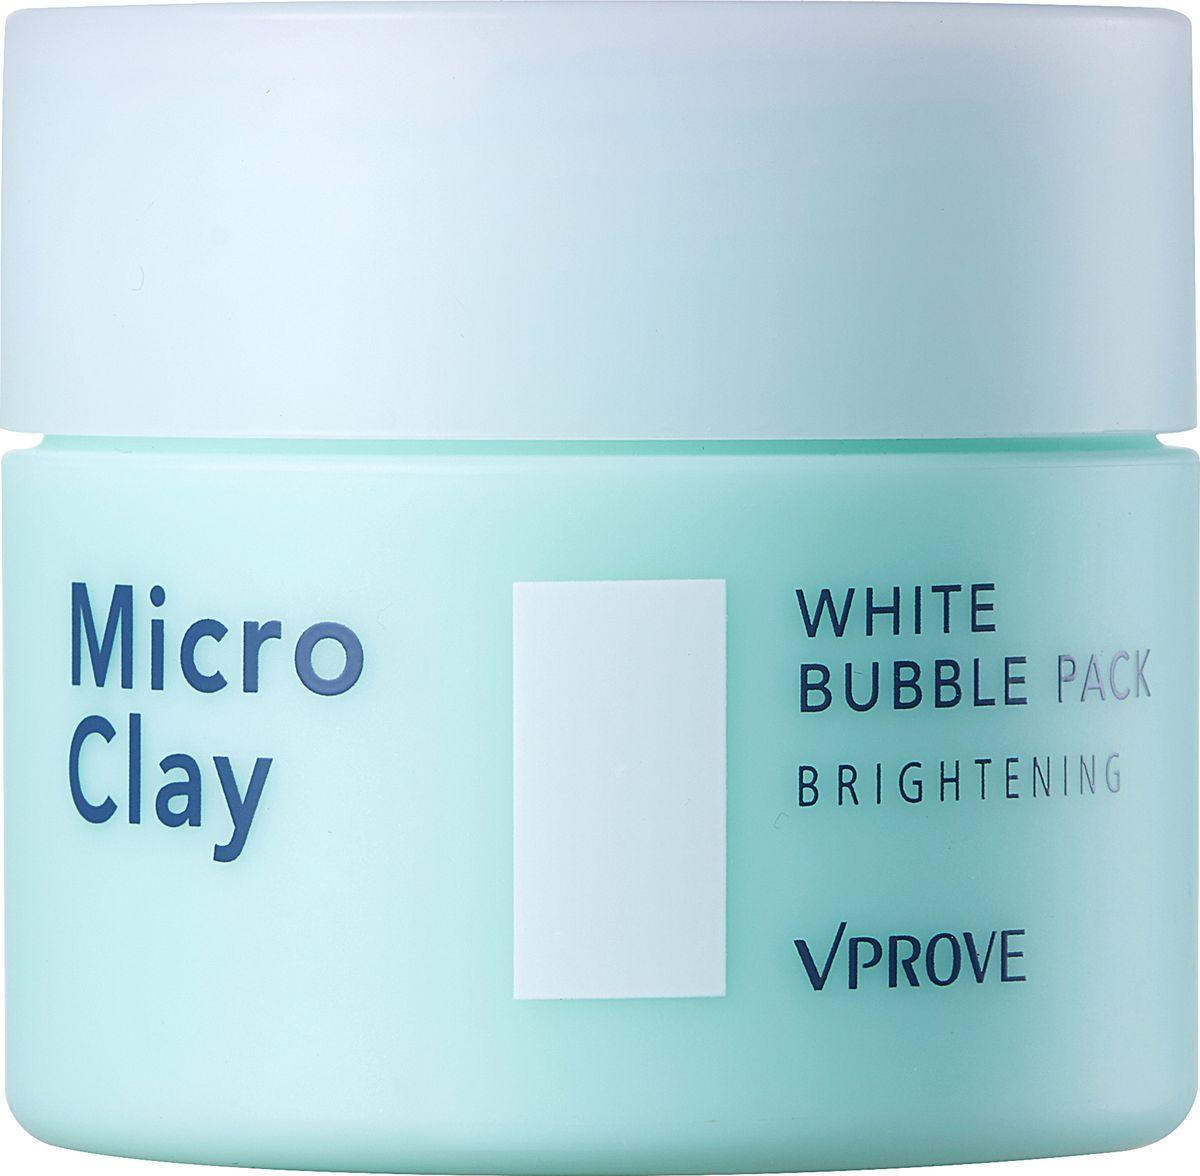 Vprove Пенная маска Микро Клэй с черной глиной, осветляющая, 70 млVMMPM0002Линия разработана с учетом потребностей жирной и комбинированной кожи. Очищающие средства помогут очистить, успокоить и избавить от надоедливого жирного блеска даже самую чувствительную кожу. Линия базируется на основе натуральных ингредиентов без добавления красителей. В состав средств входит микс из белой глины (эффективно абсорбирует себум и смягчает кожу), розовой глины (снимает воспаления и выводит токсины) и черной глины (питает и очищает глубокие загрязнения). Также в состав средств входит бамбуковая и розовая вода, увлажняющая кожу, а экстракт черных бобов питает кожу и заряжает ее антиоксидантами, продлевая молодость и упругость дермы.Маска отлично подойдет для очищения чувствительной кожи. Множество мелких пузырьков эффективно удаляют загрязнения и кожный себум с поверхности кожи, смягчают и делают ее более гладкой.